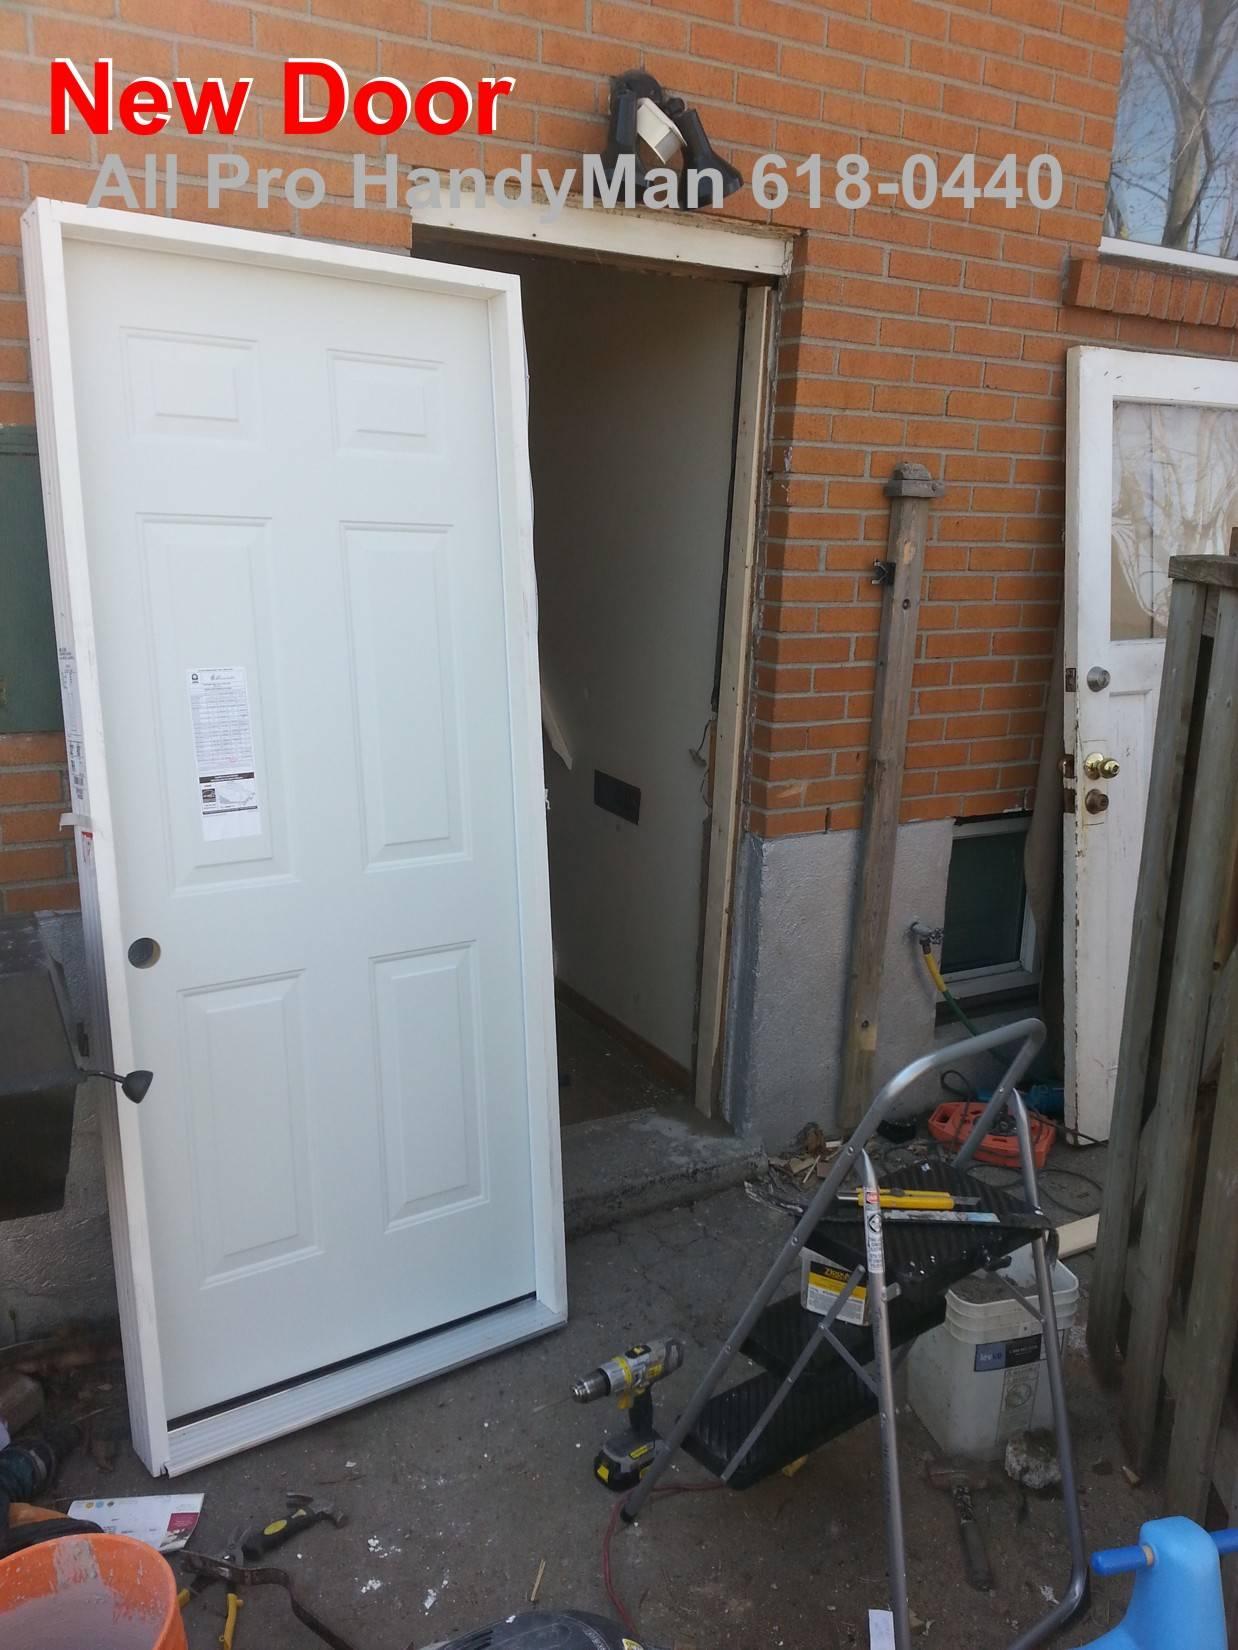 Install new Door